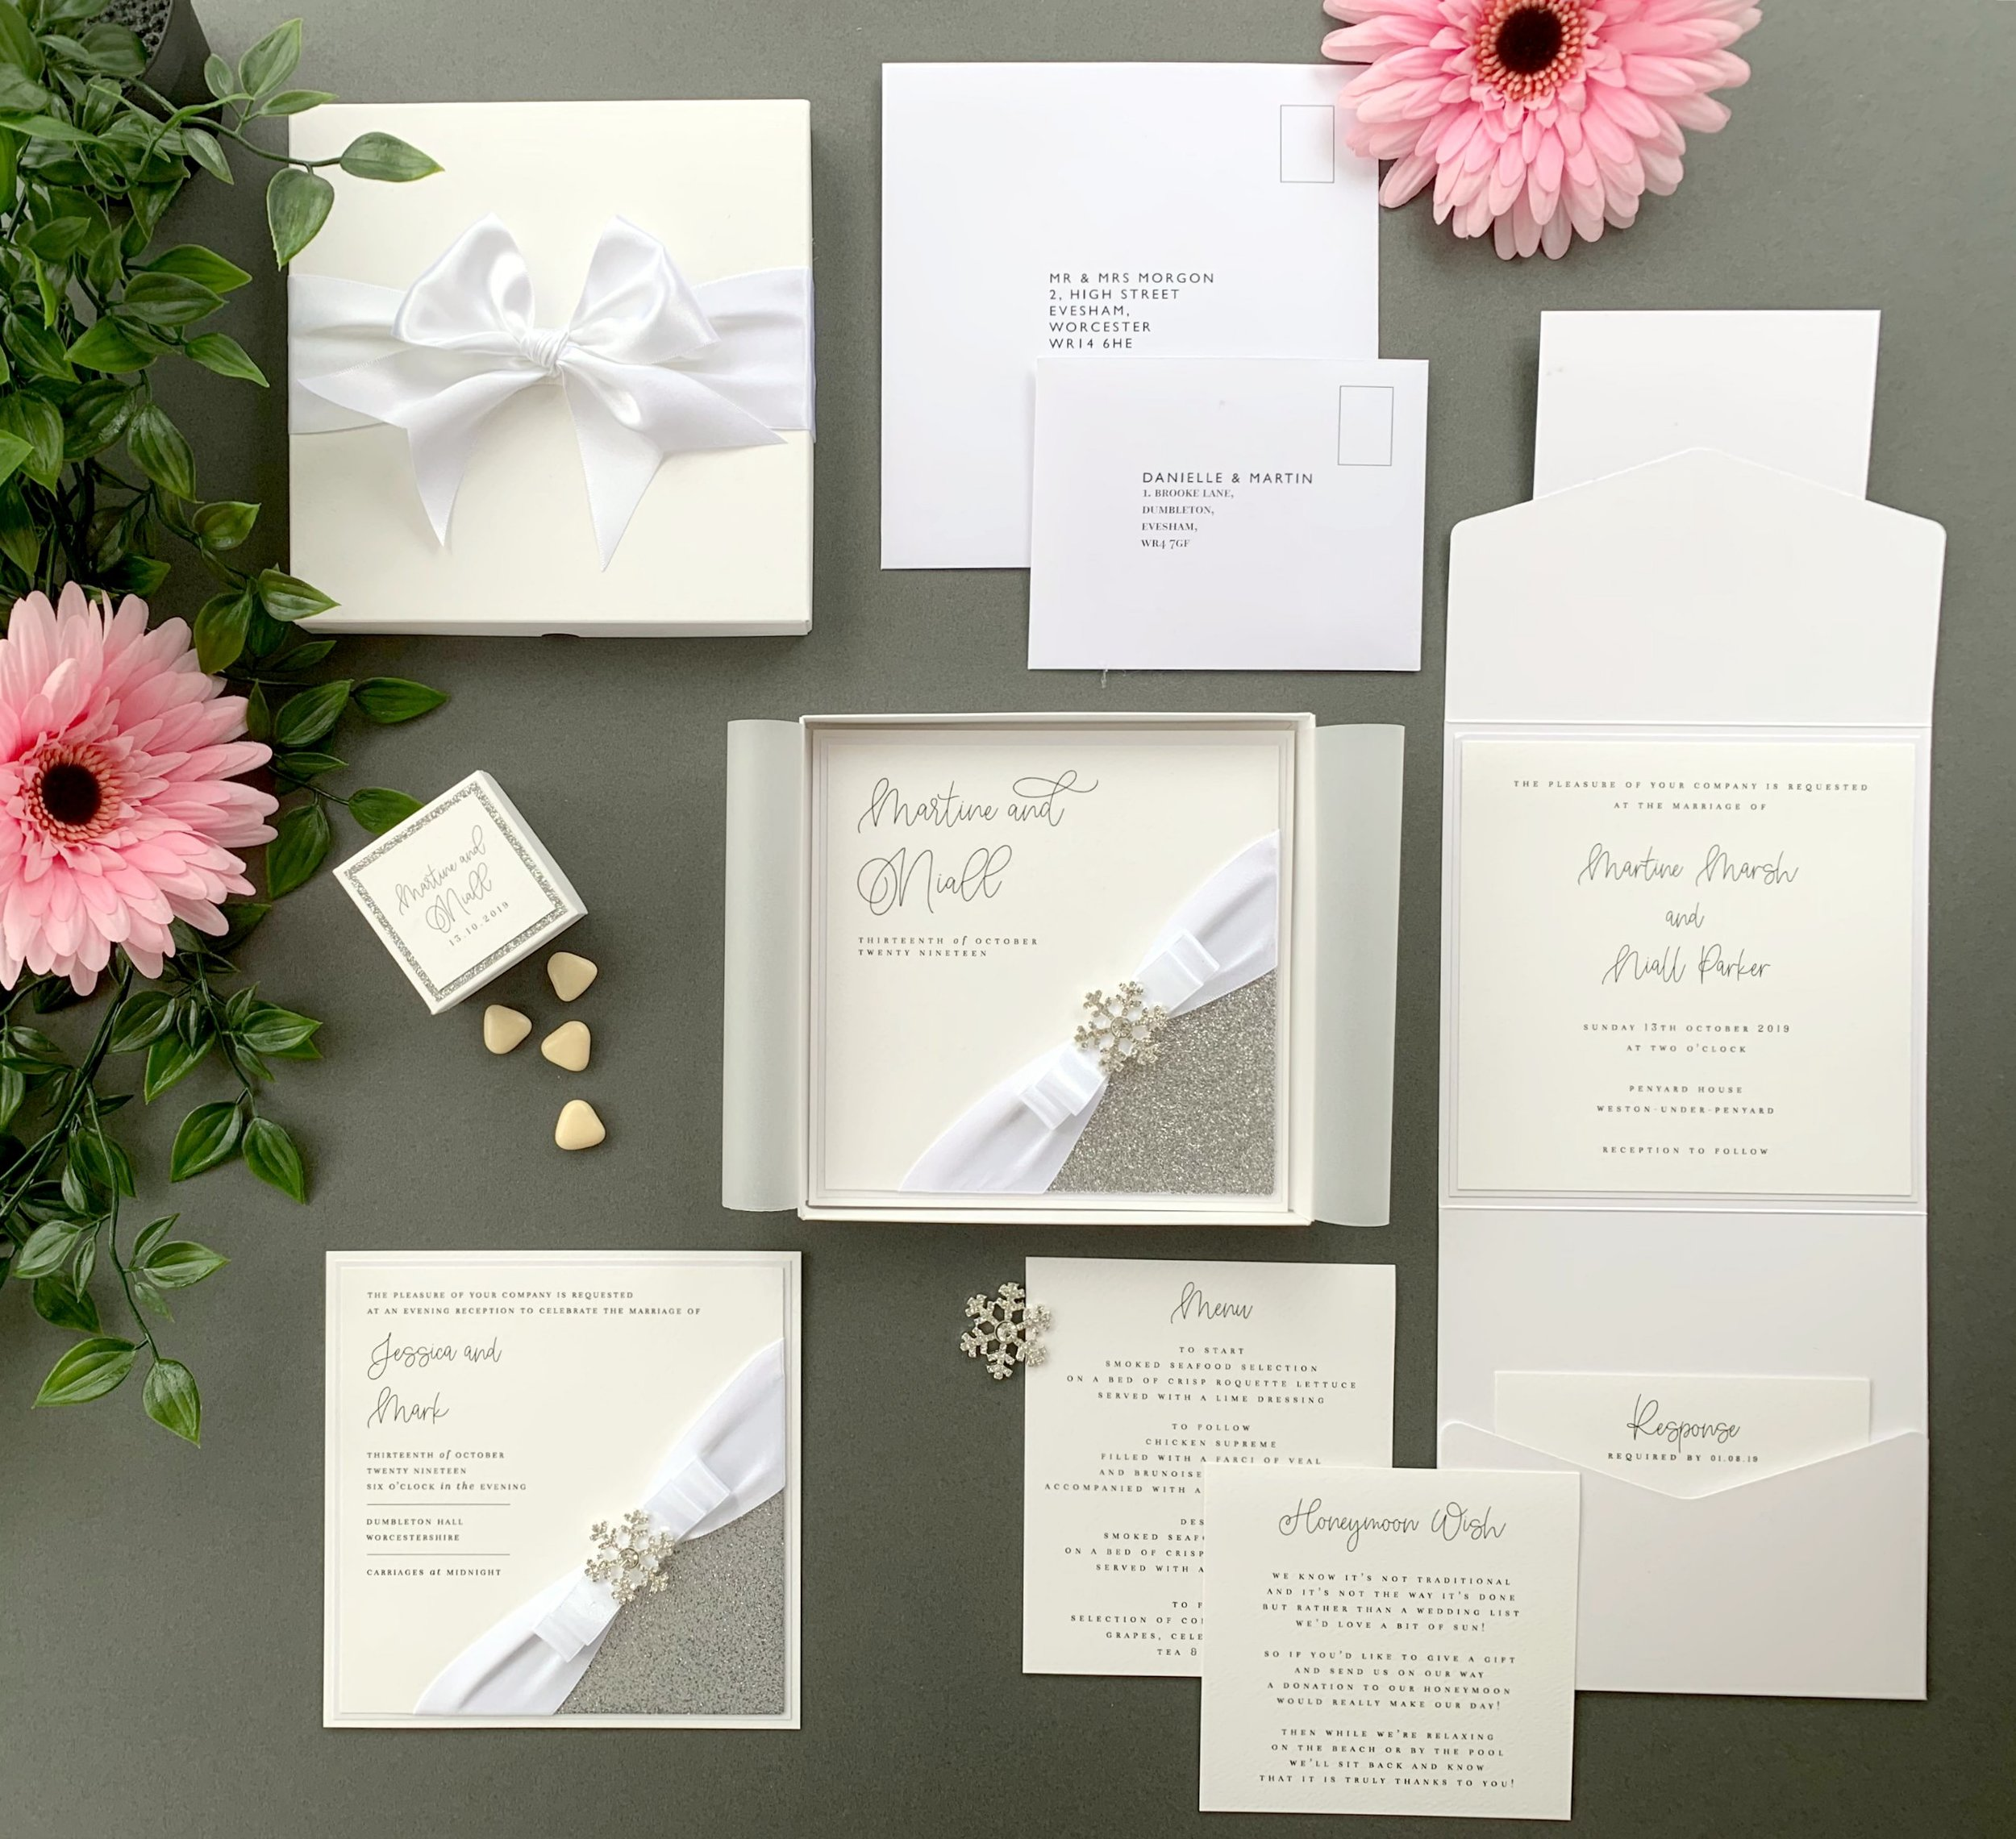 Leto - Invitation Collection.jpg